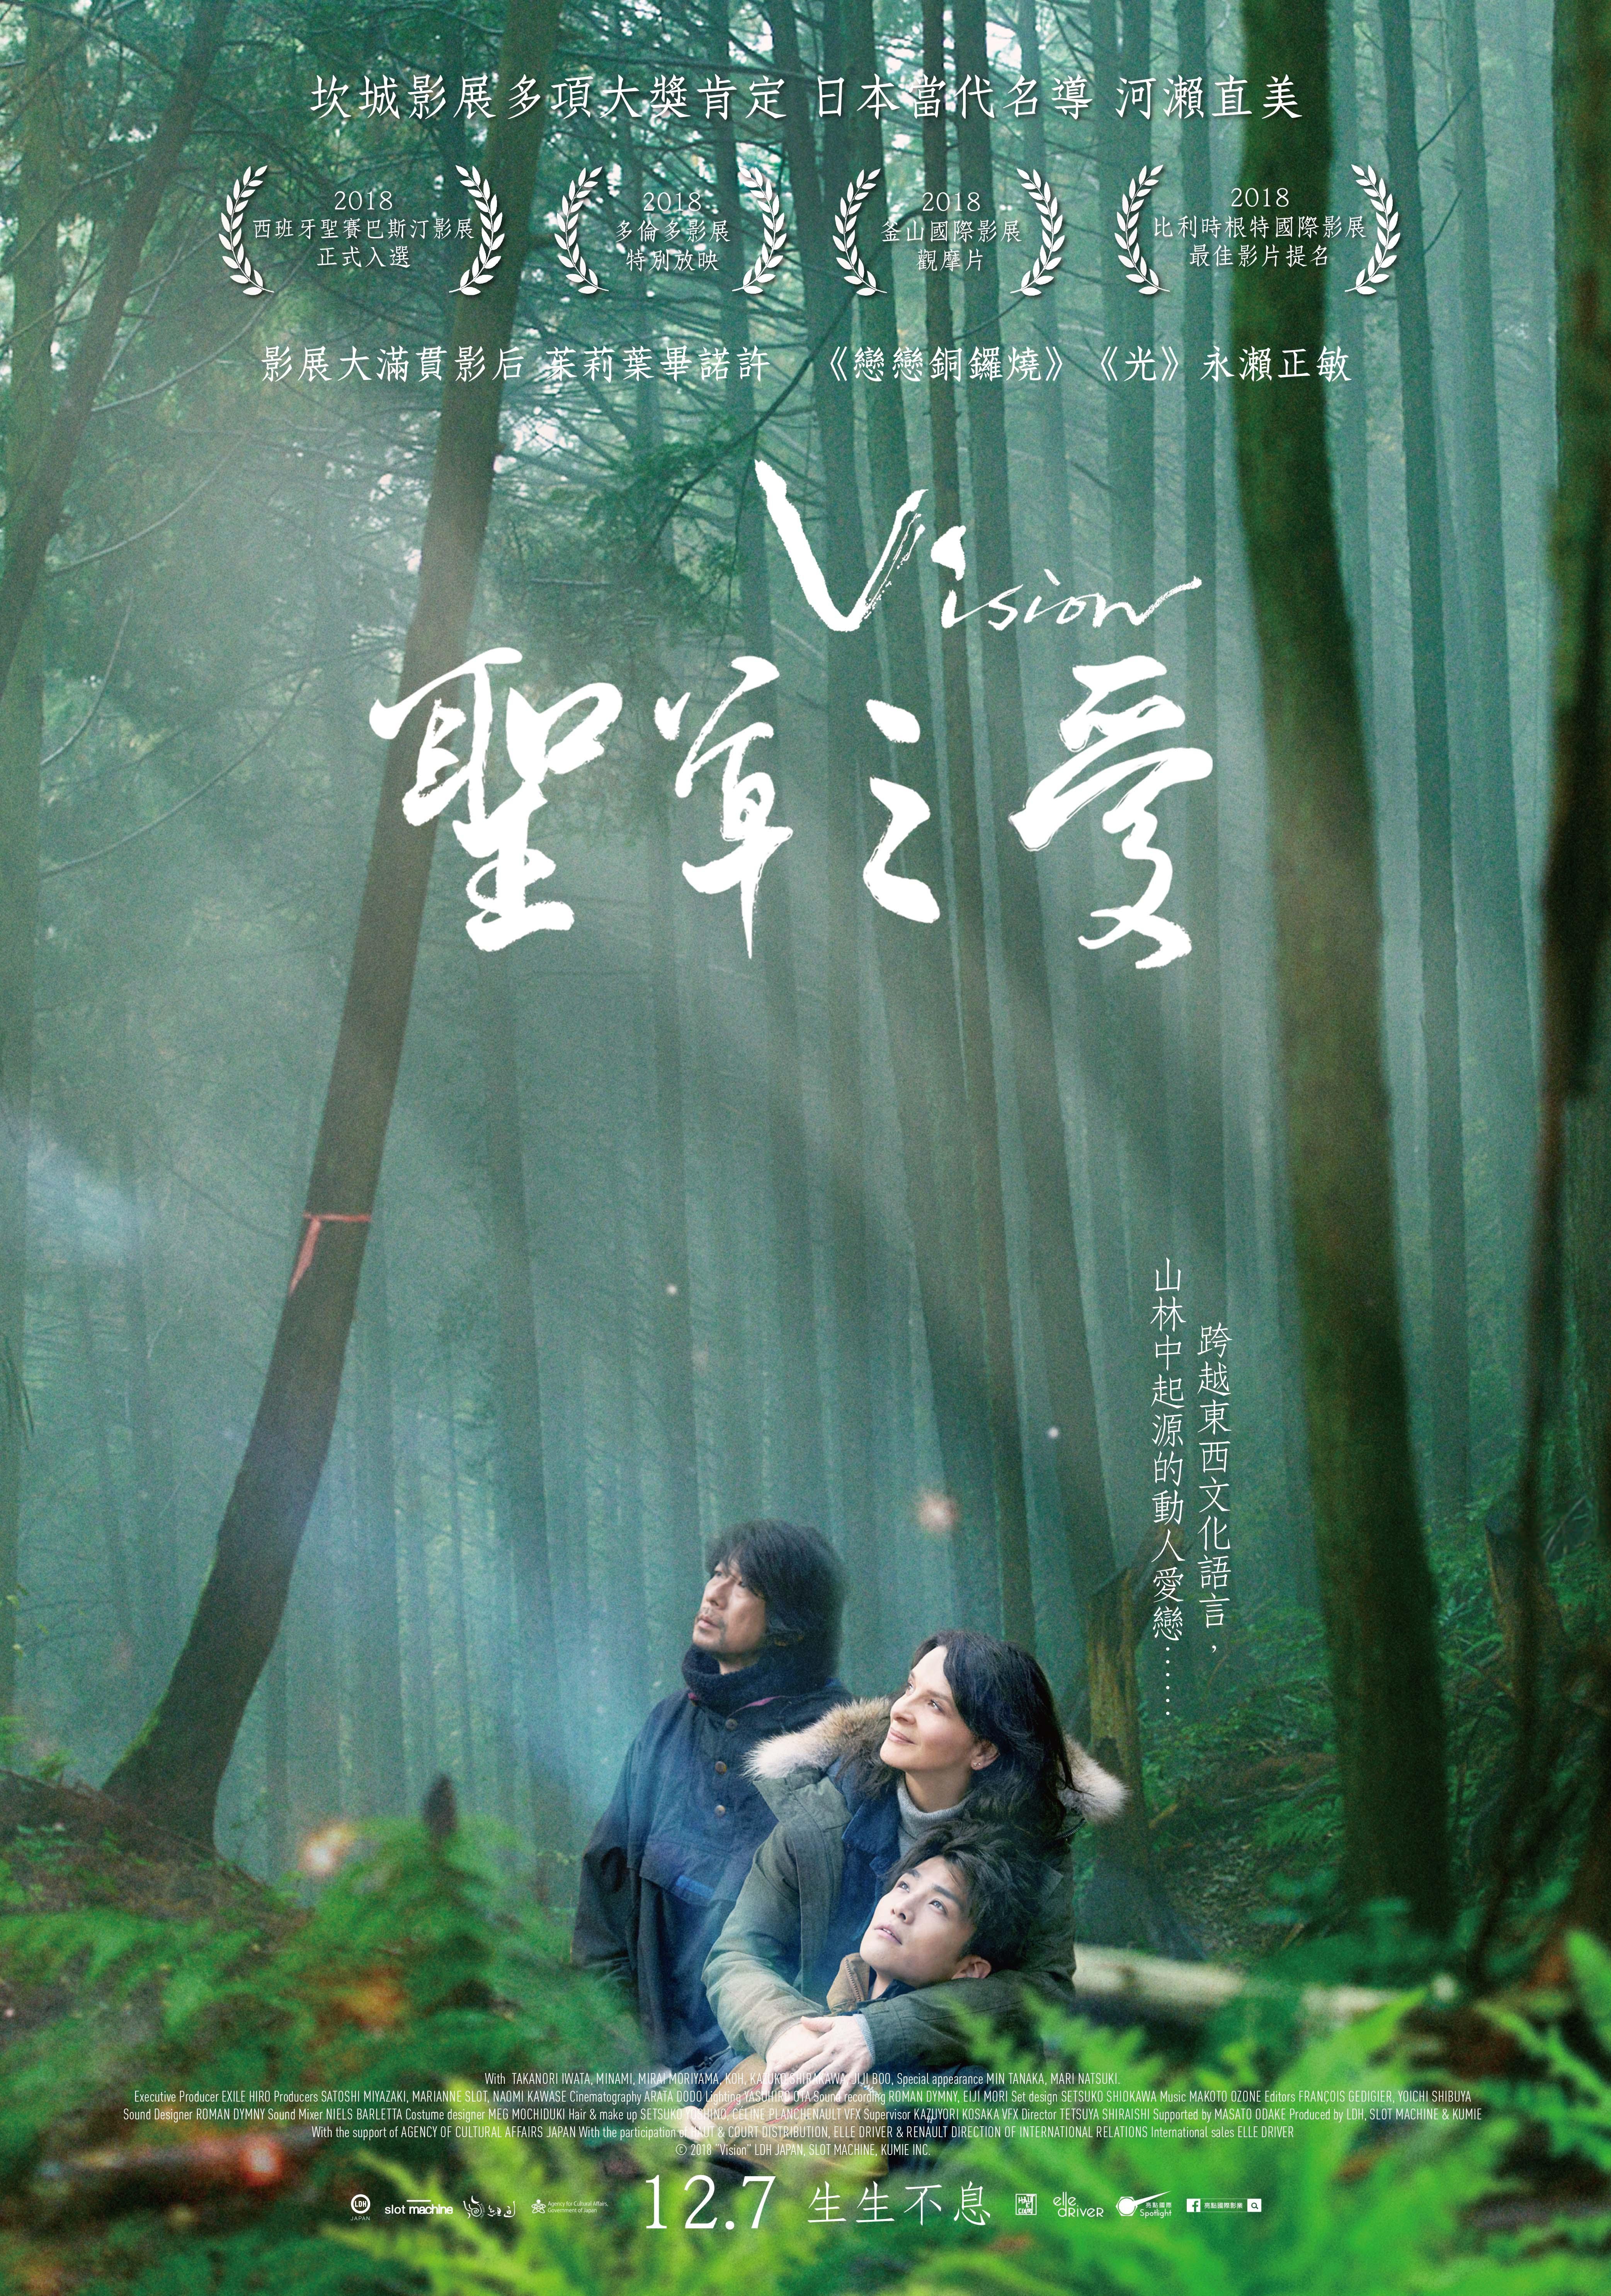 [藍光][繁中]聖草之愛(1080P)上映日期:2018-12-07